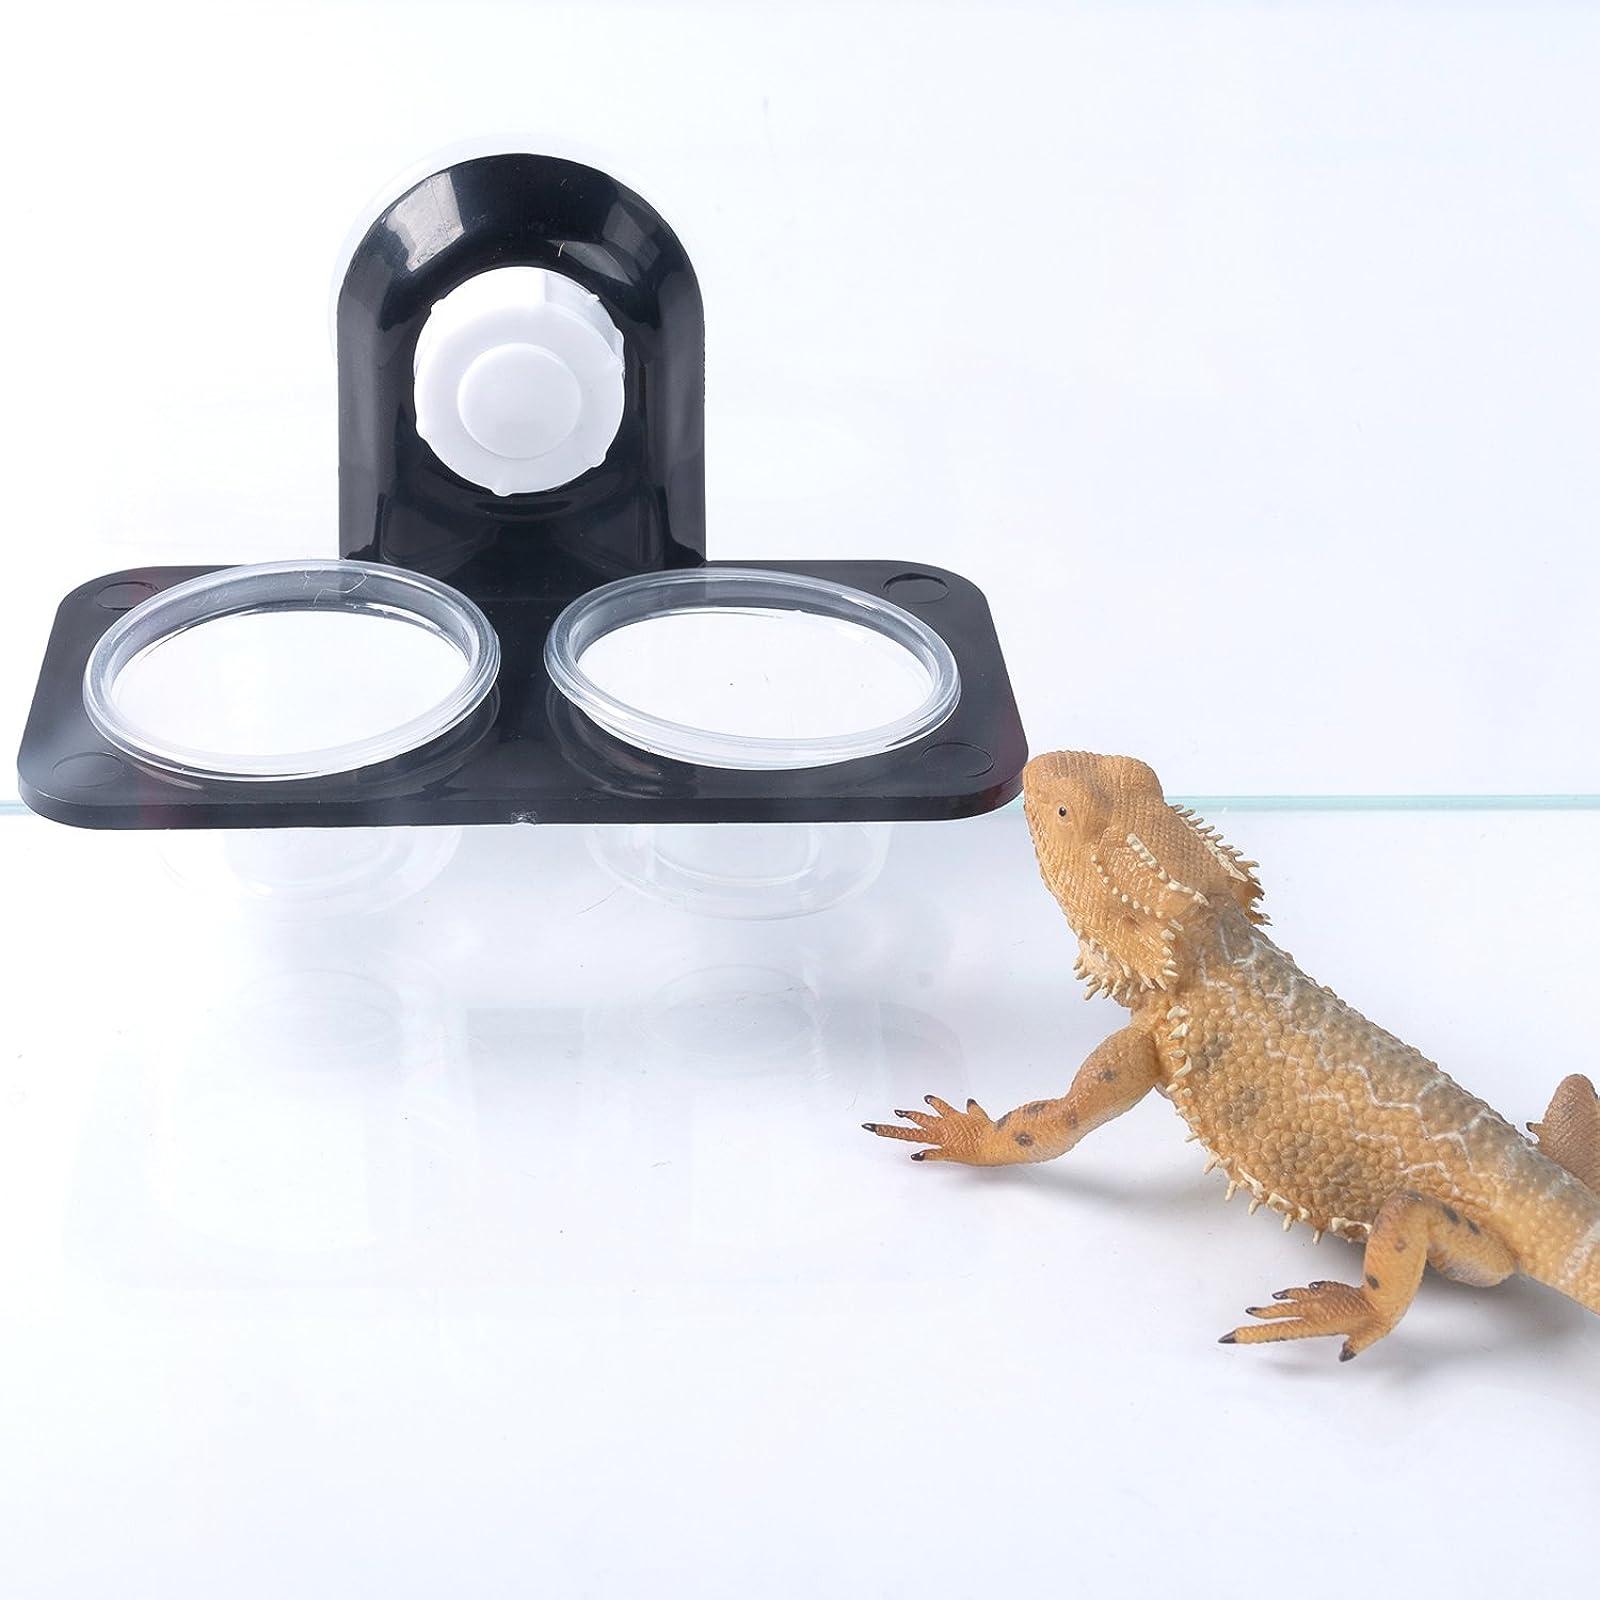 SLSON Gecko Feeder Ledge Acrylic Suction Cup - 5